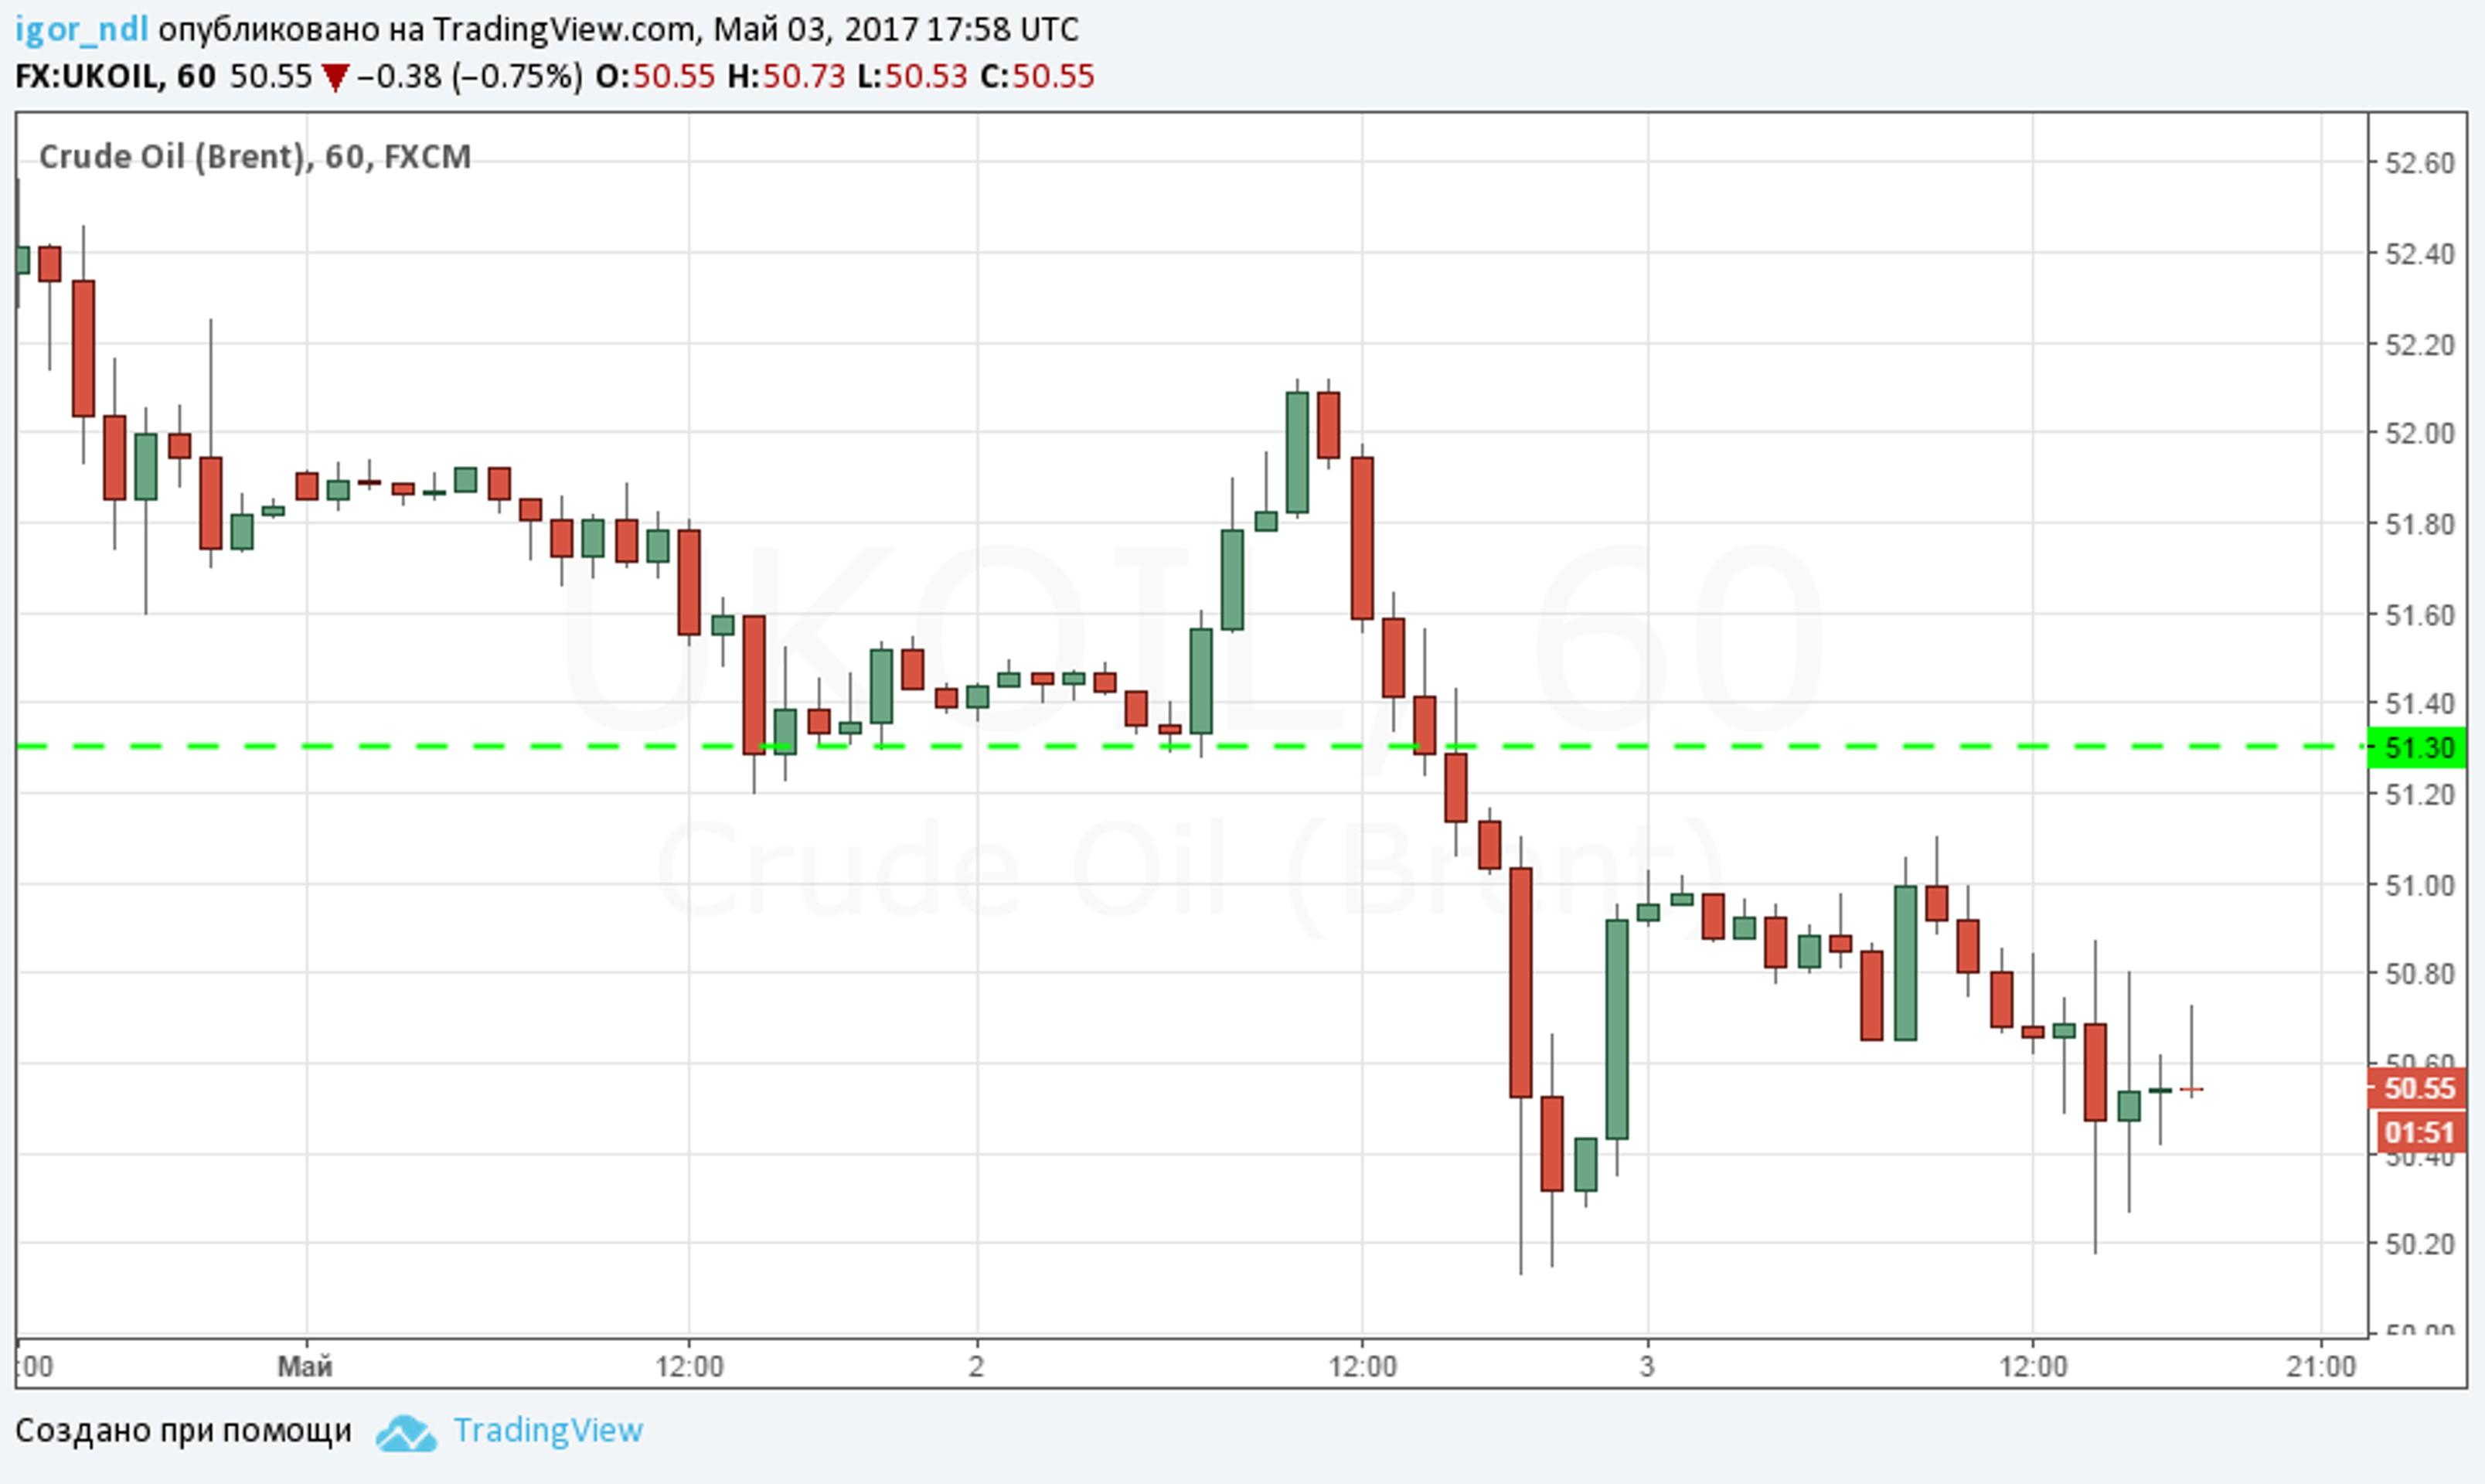 Рубль против падения. Почему?